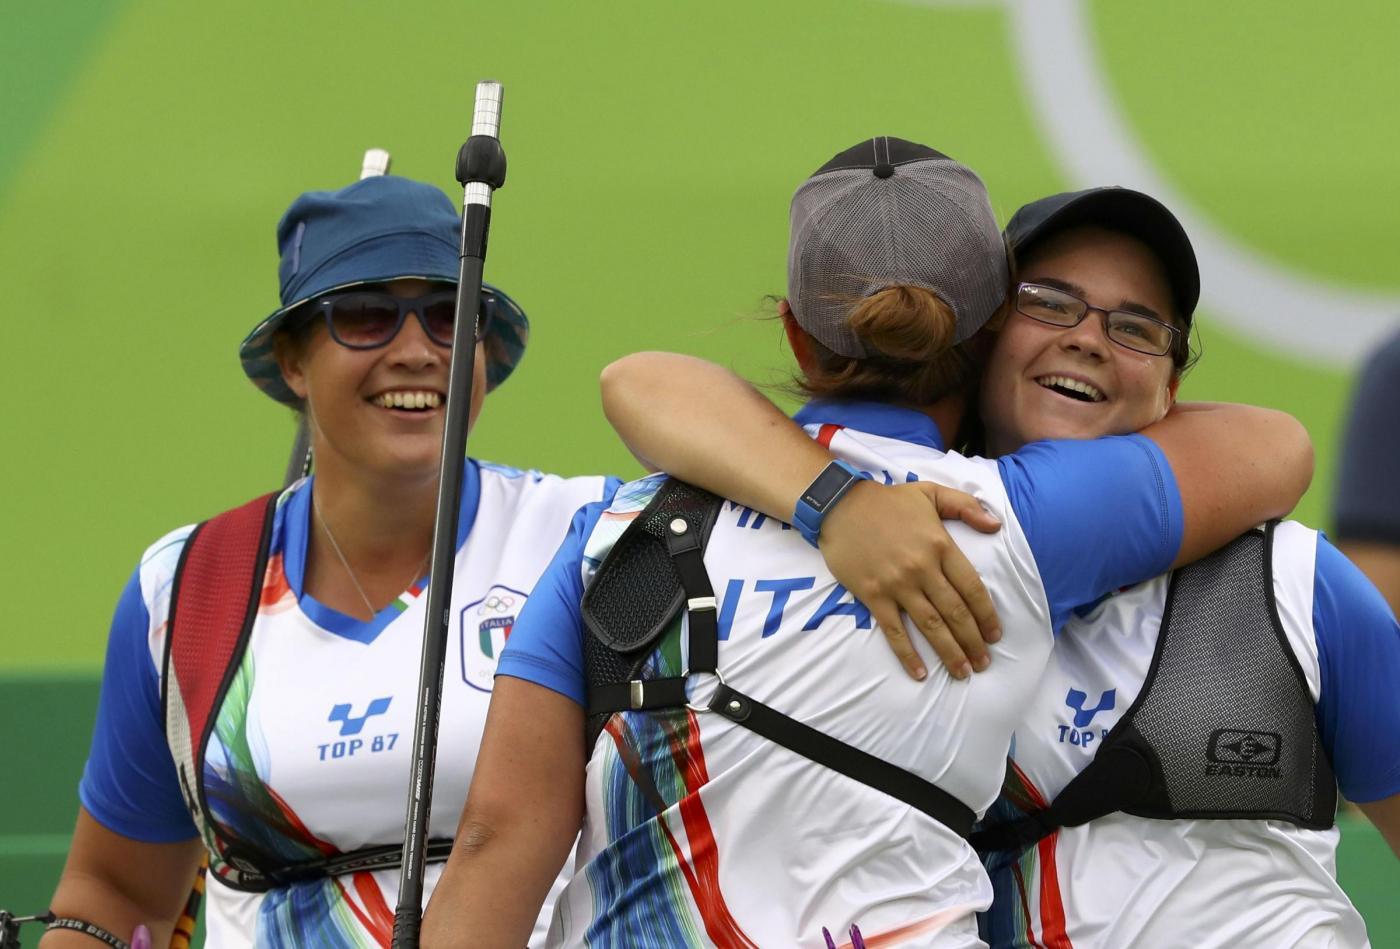 Olimpiadi Rio 2016, gli atleti italiani impegnati nei giochi